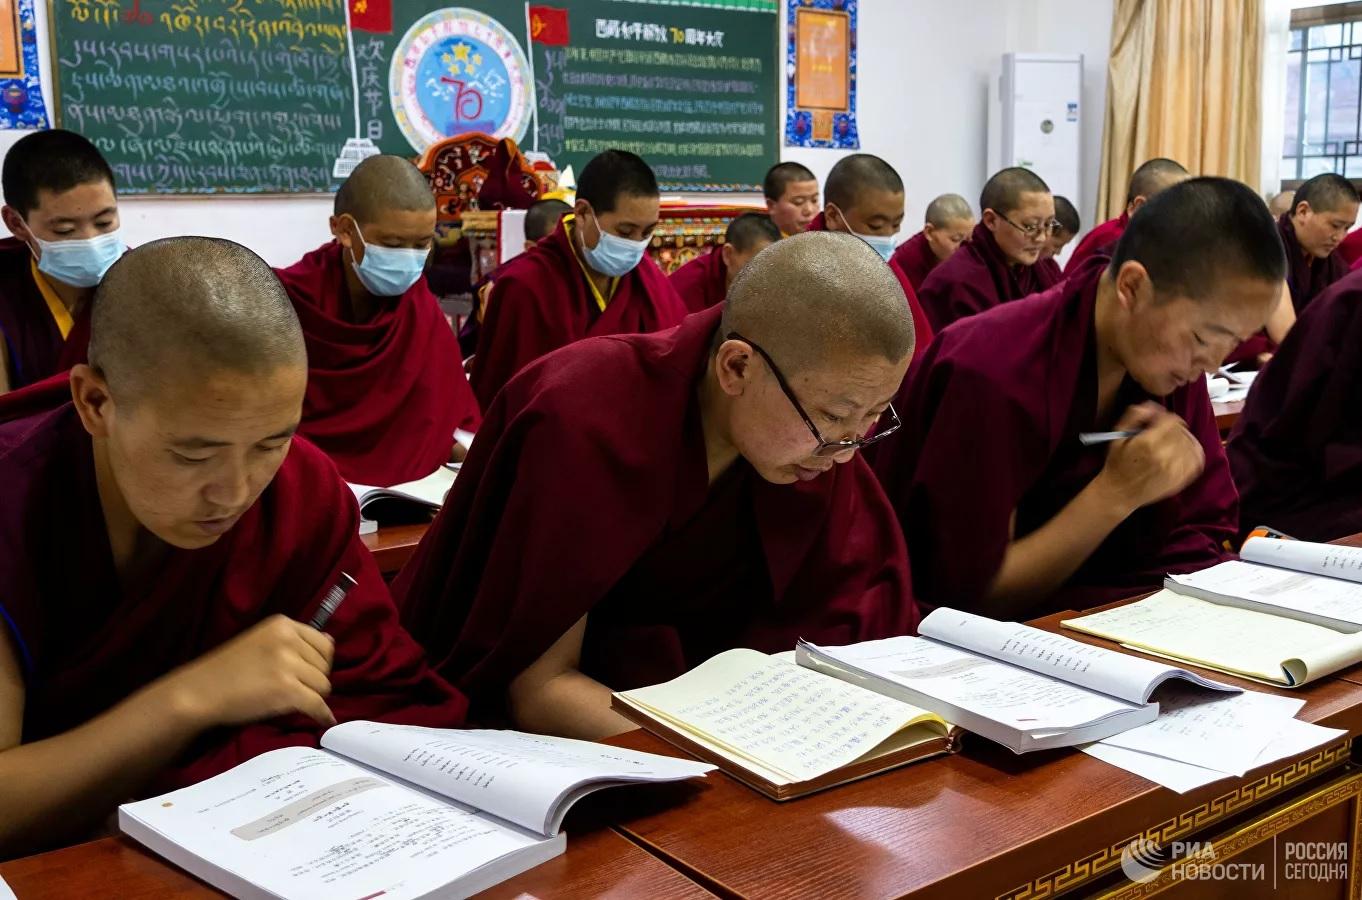 Чему на самом деле учат тибетских монахов коммунисты в Китае